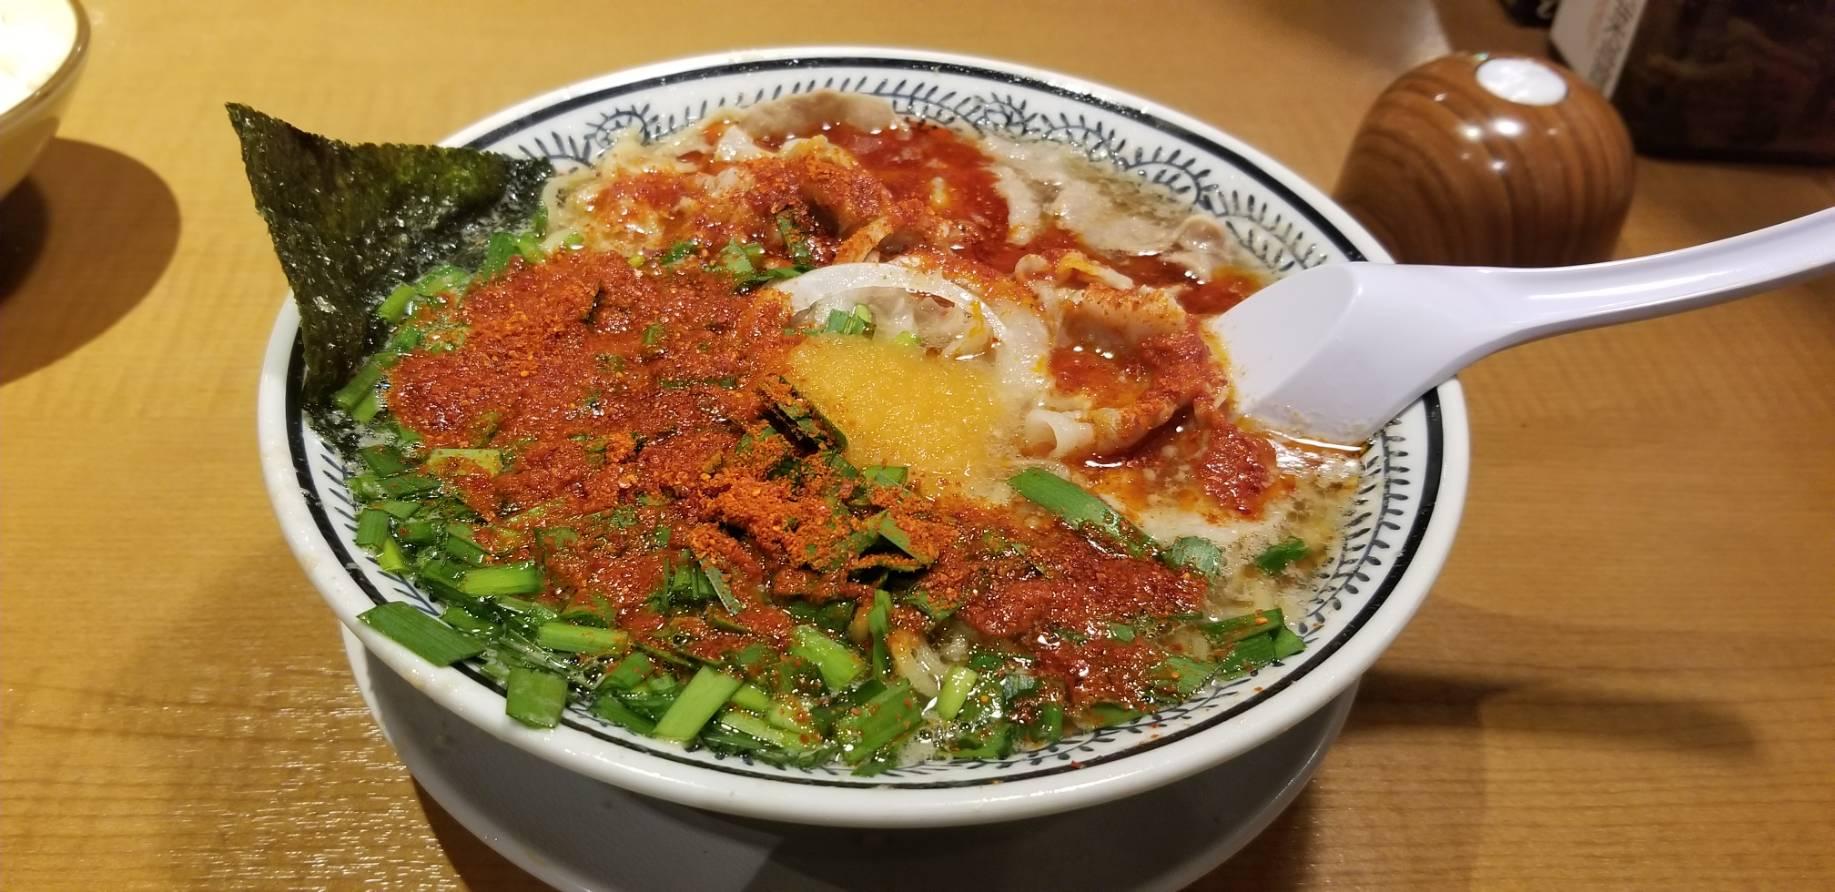 丸源ラーメン 枚方店②(枚方/ラーメン)